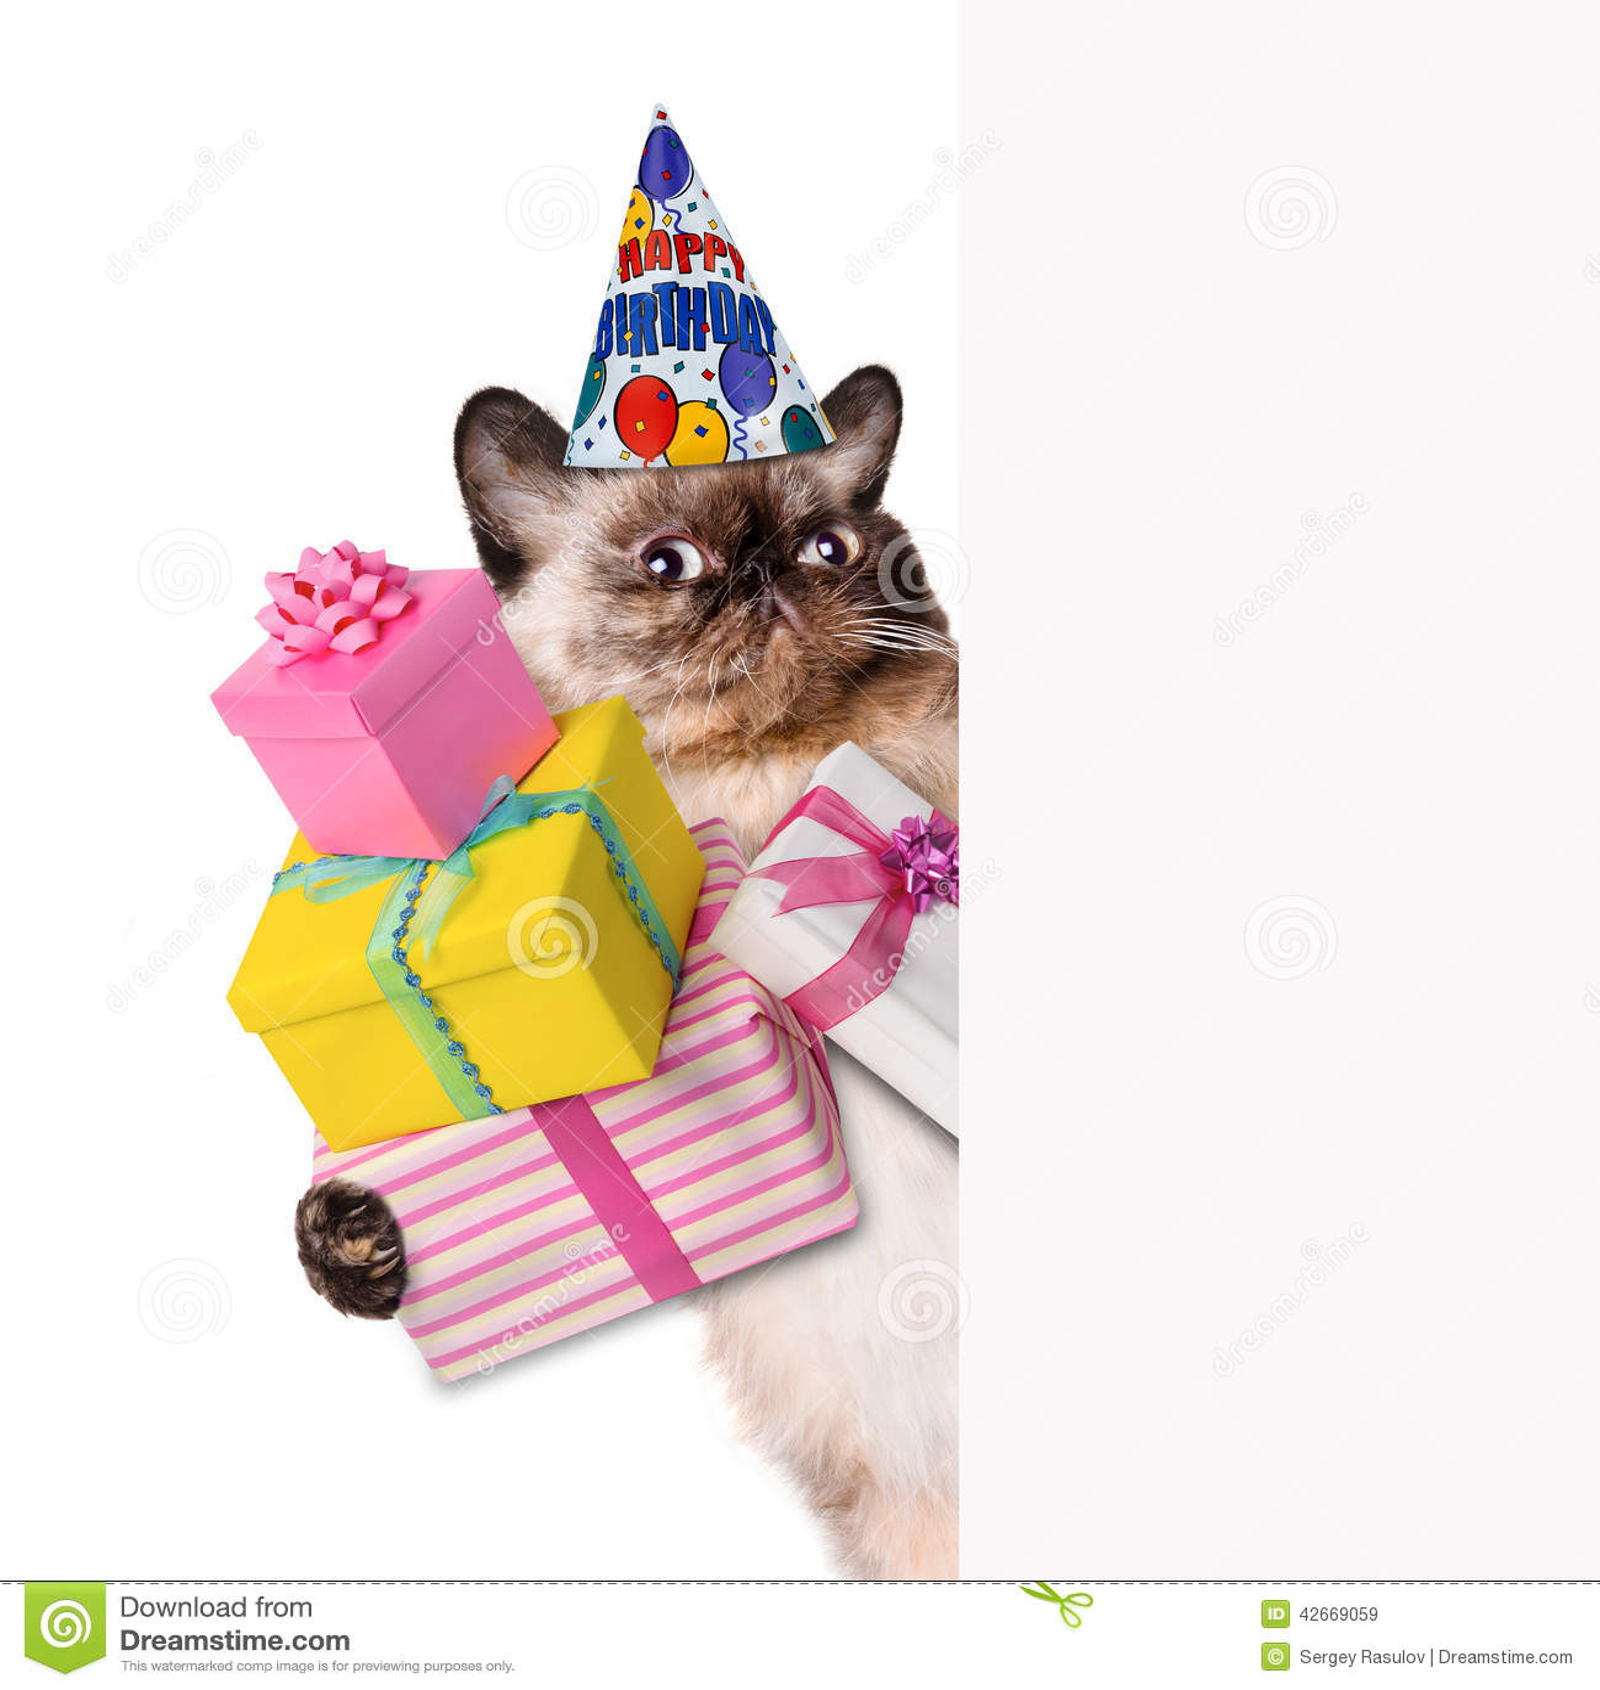 Cat Birthday Banner: Birthday Cat . Stock Image. Image Of Baby, Kitten, Gift